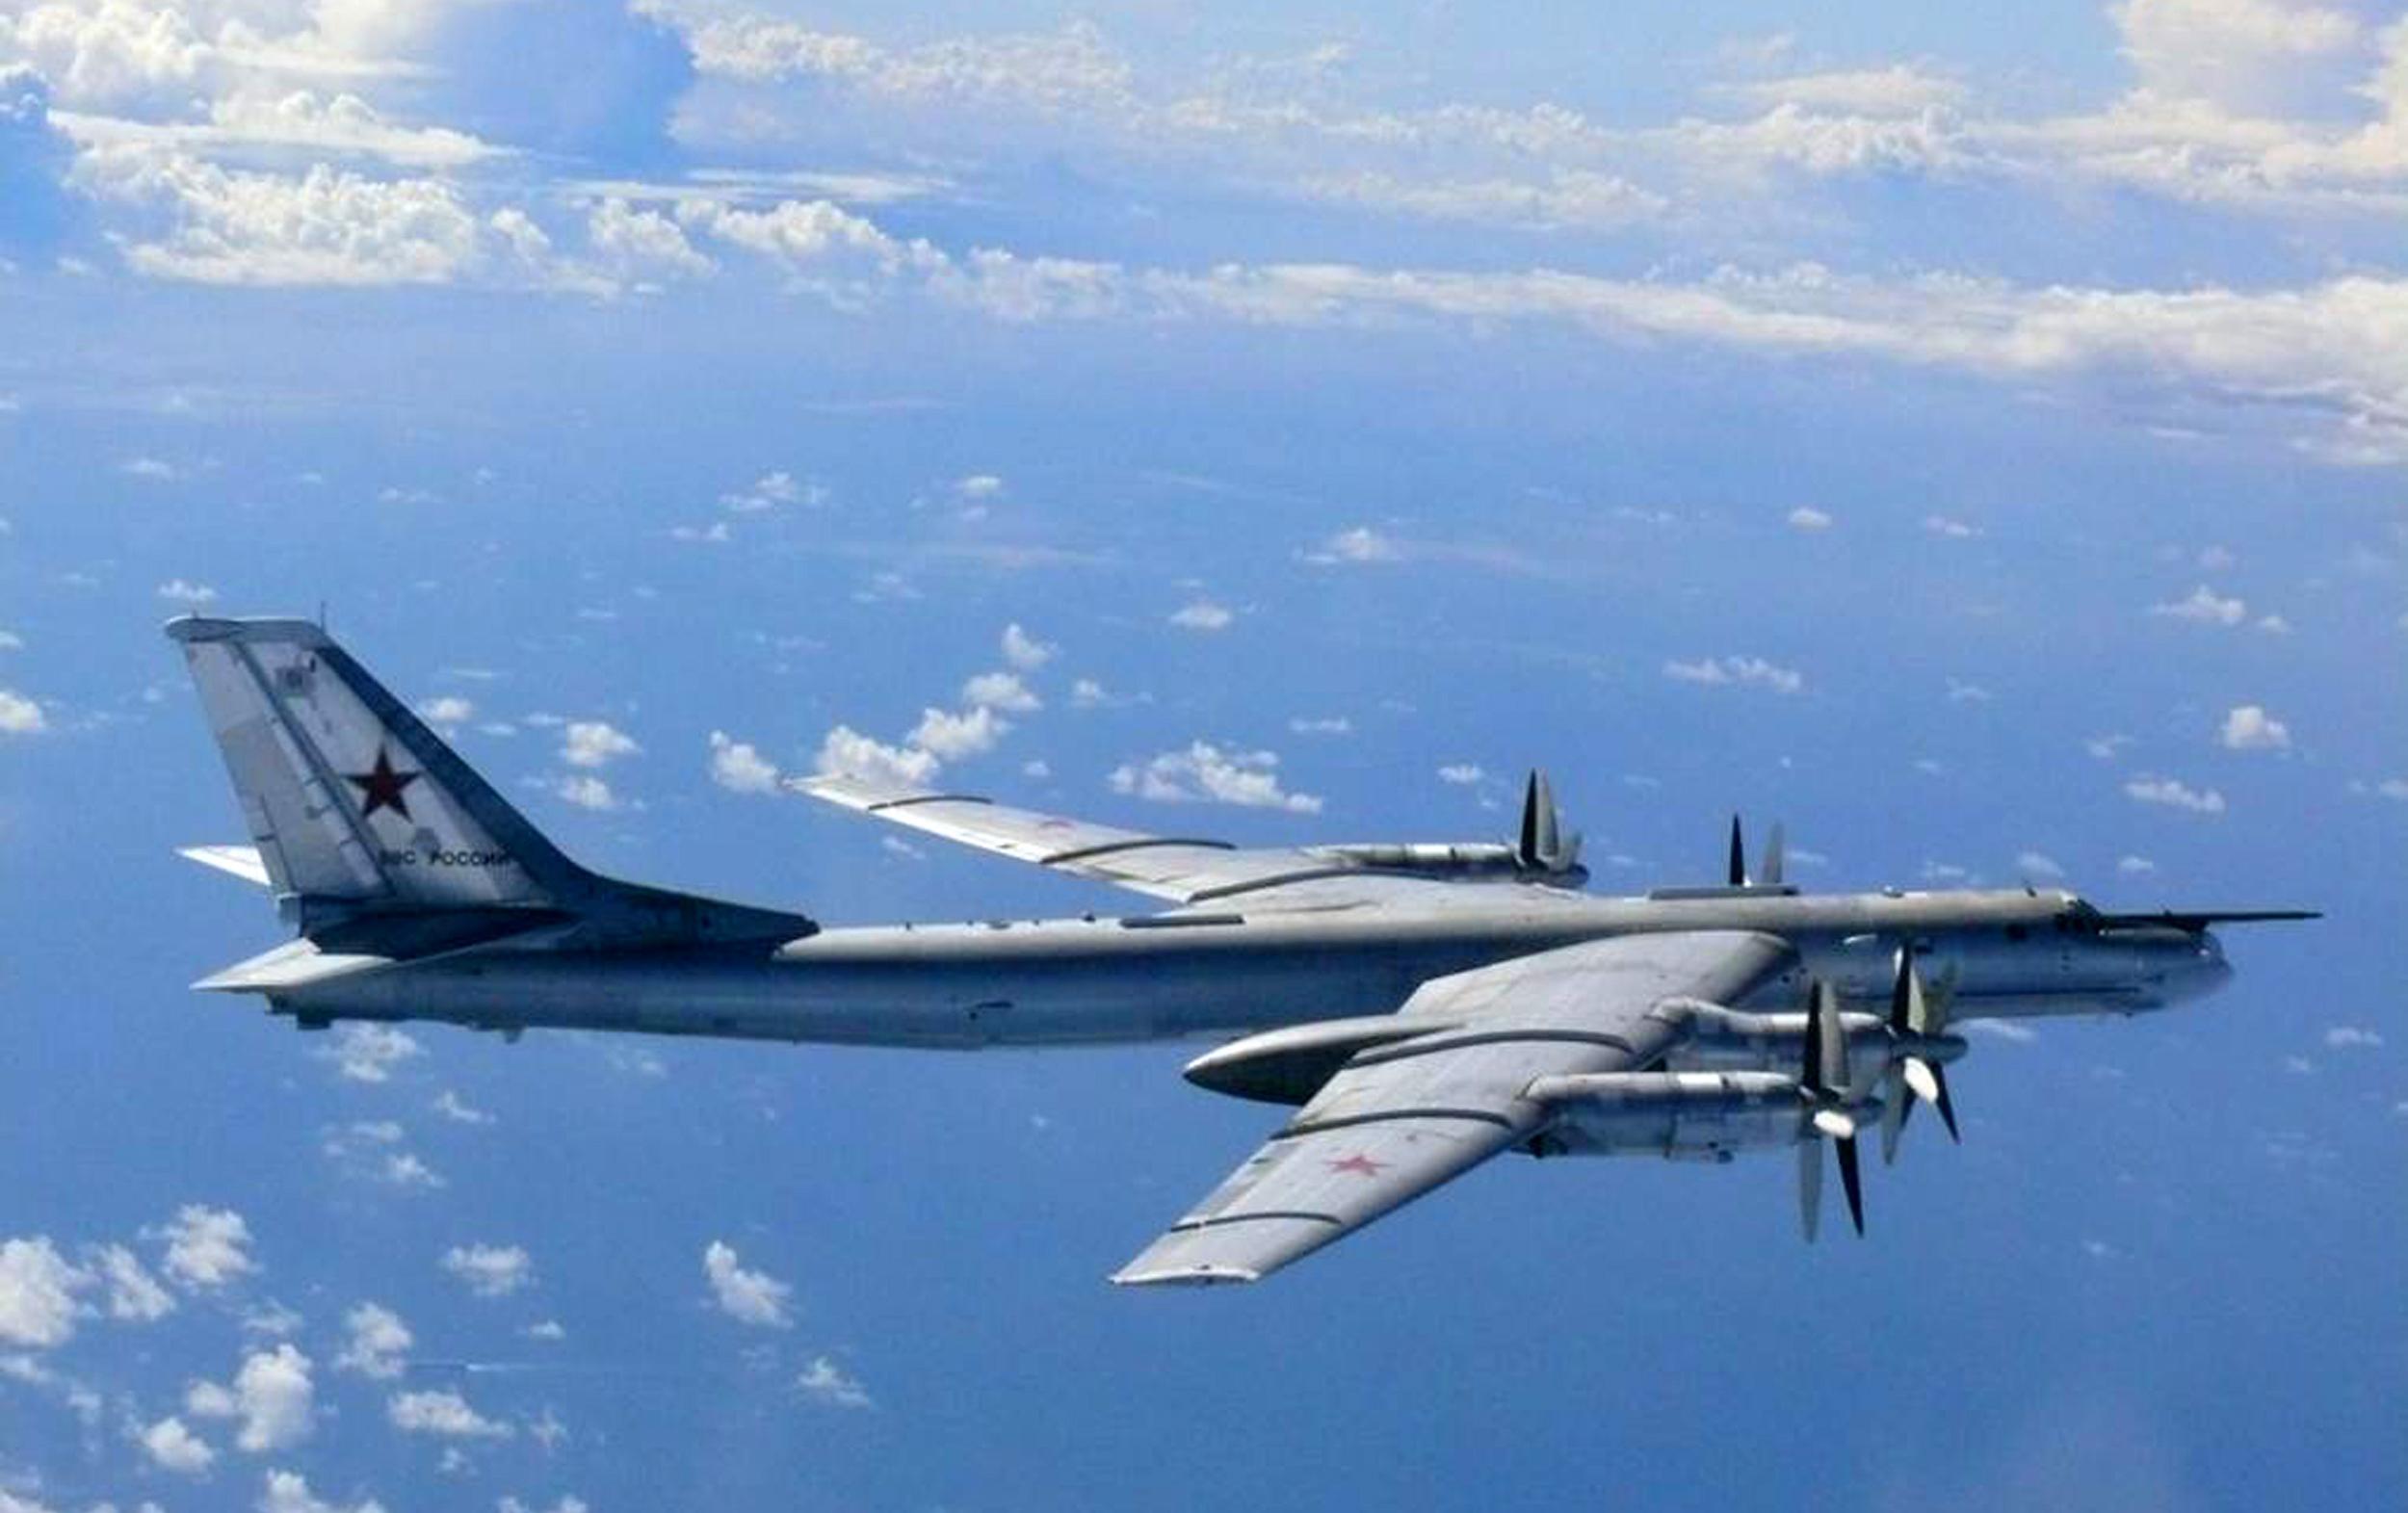 Trei tari din NATO au trimis avioane F-16 pentru a escorta doua bombardiere rusesti ce au intrat in spatiul aerian olandez